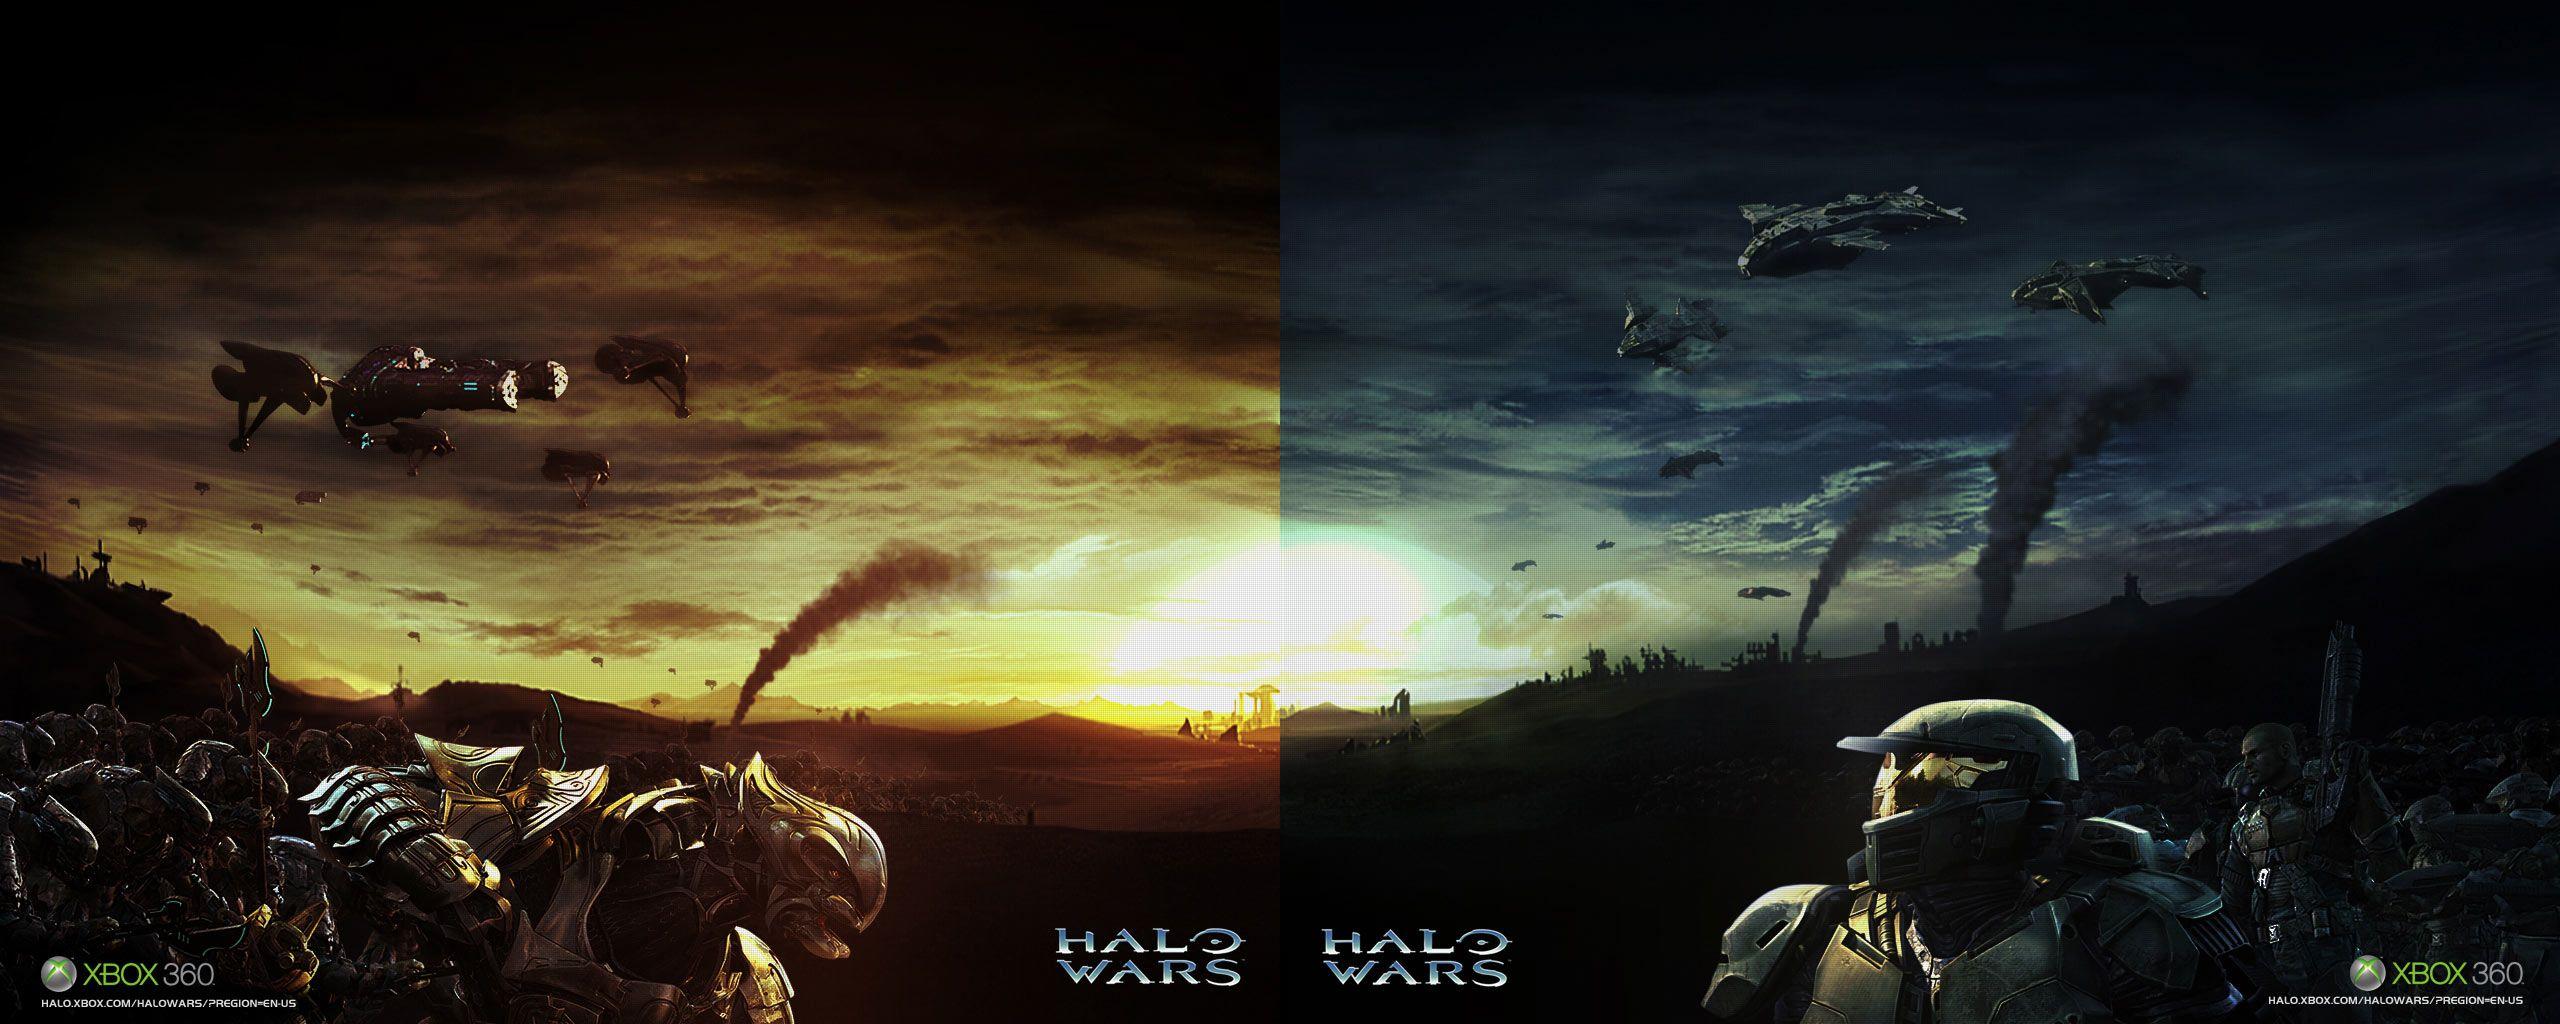 Halo Fan Art Wars Wallpaper By Igotgame Hd